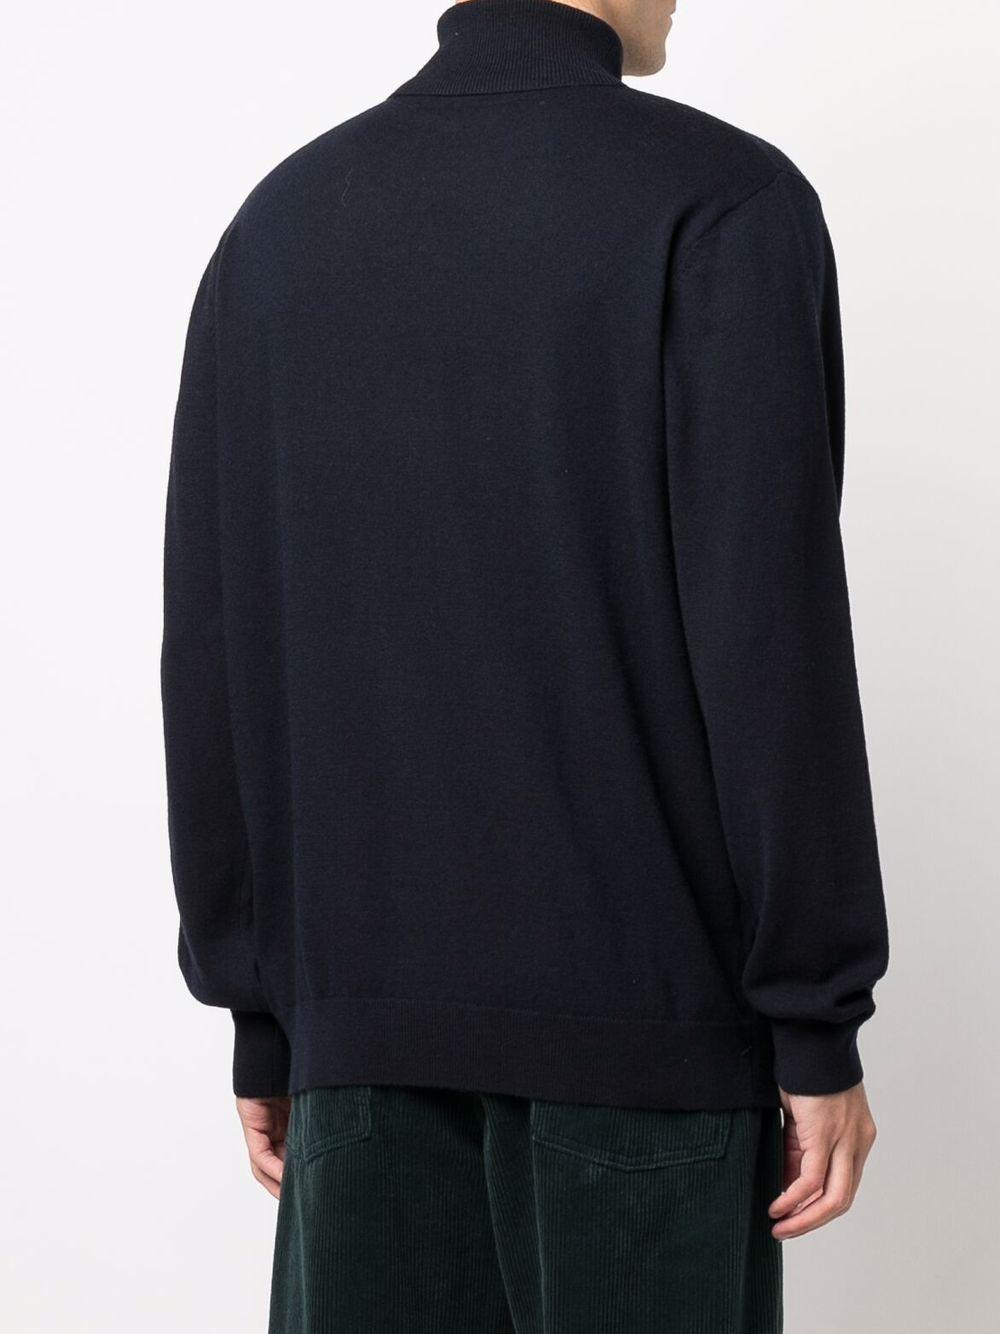 maglione a collo alto uomo blu in lana CARHARTT WIP   Maglieria   I0233681C.XX